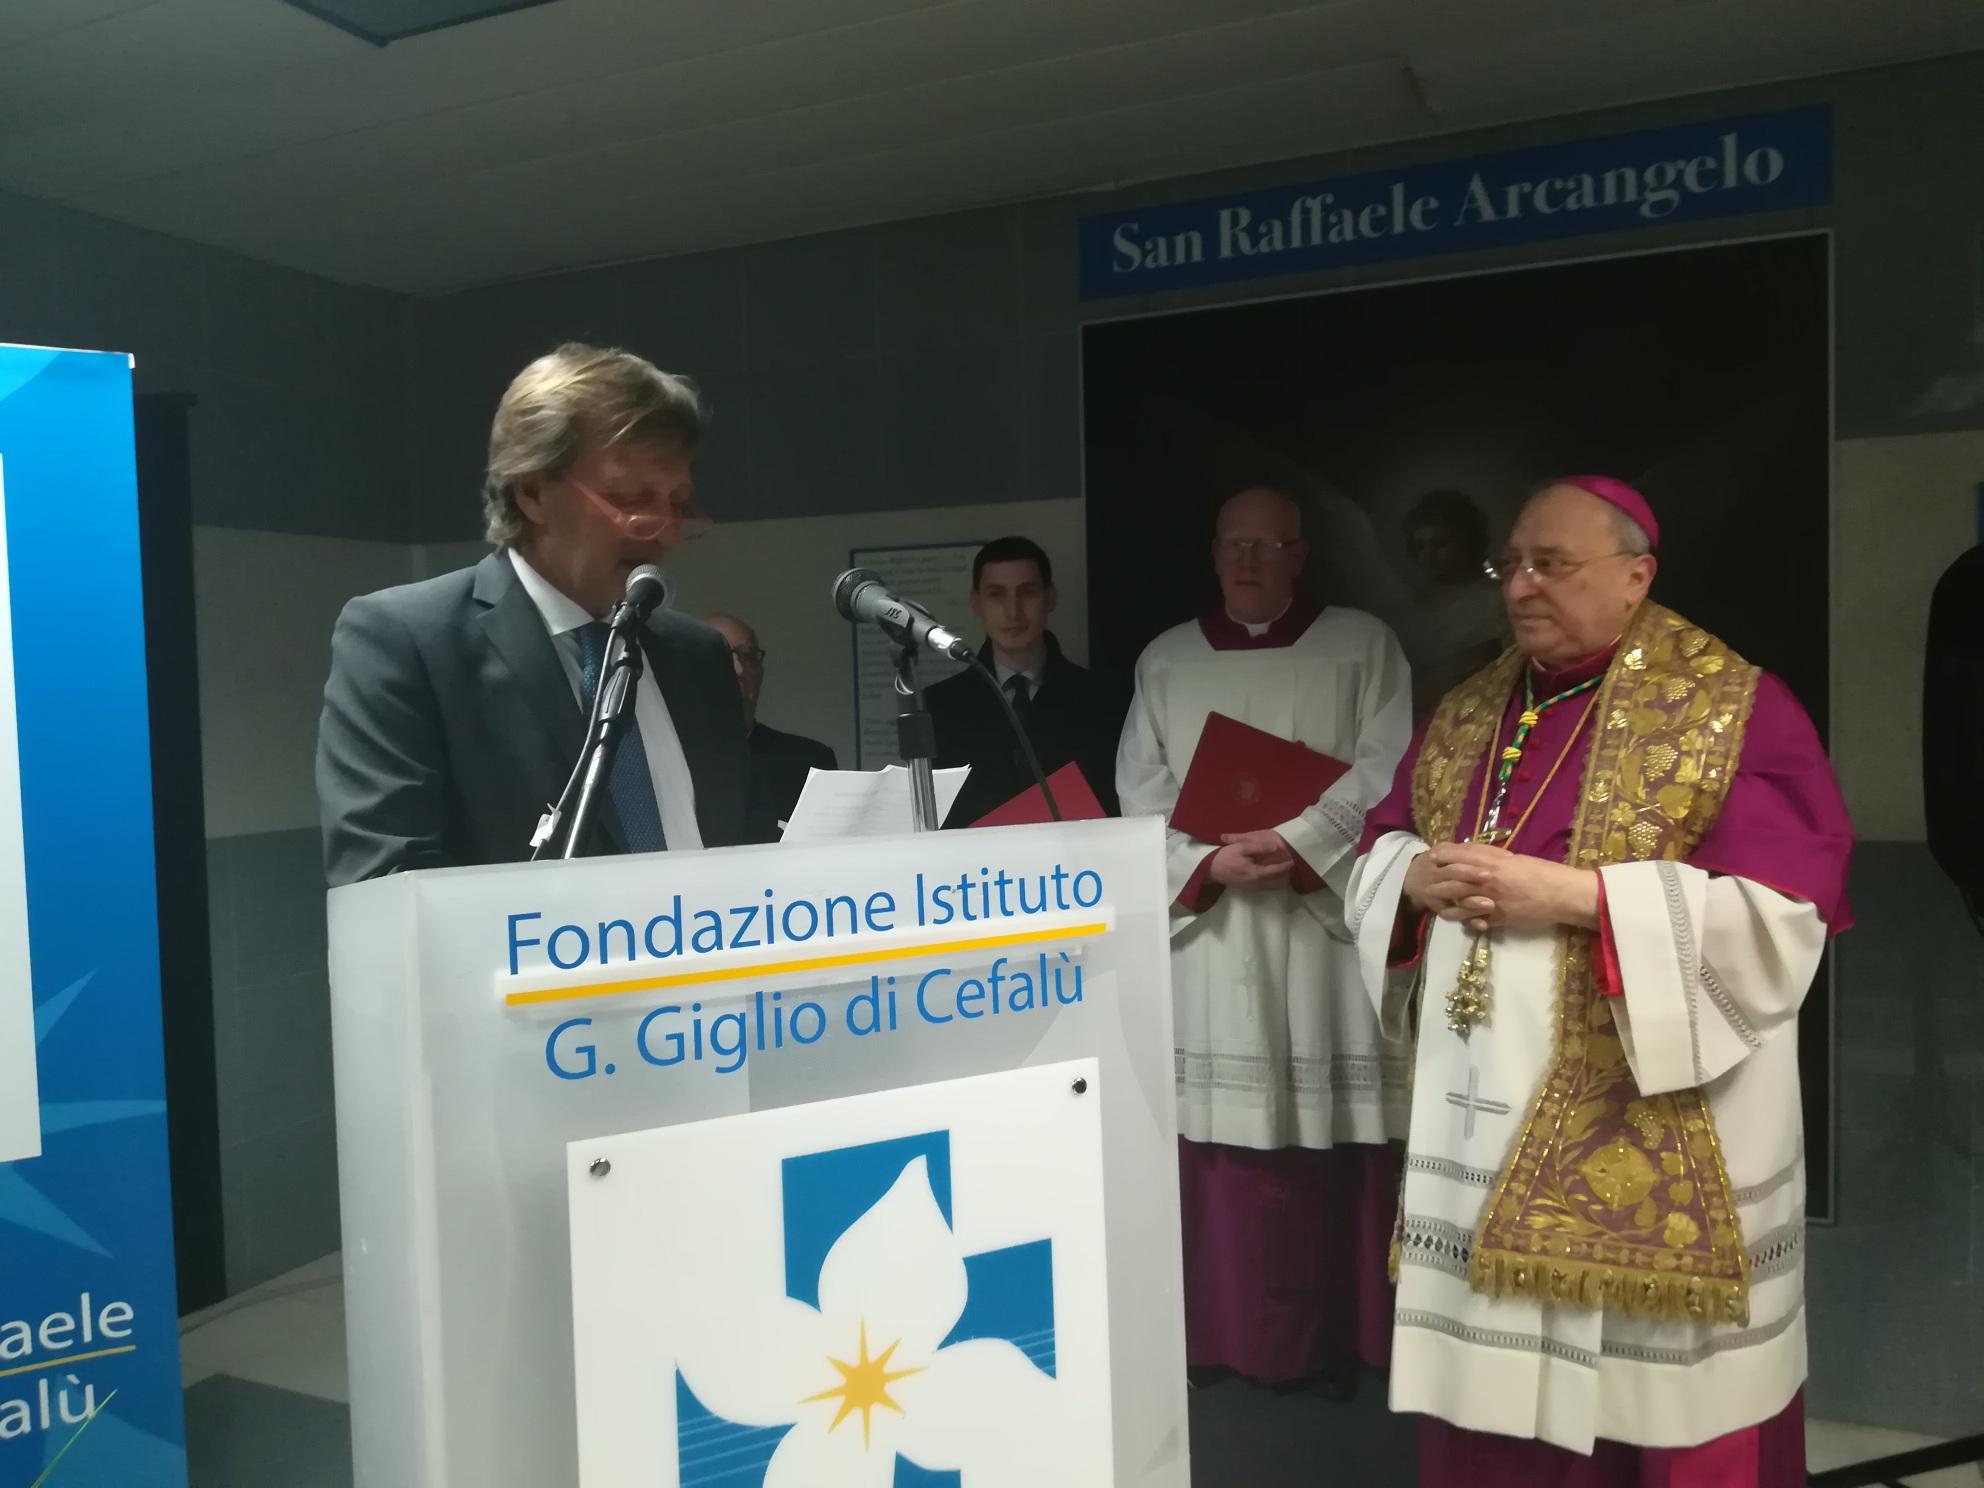 Cefalù, il nuovo vescovo all'ospedale Giglio